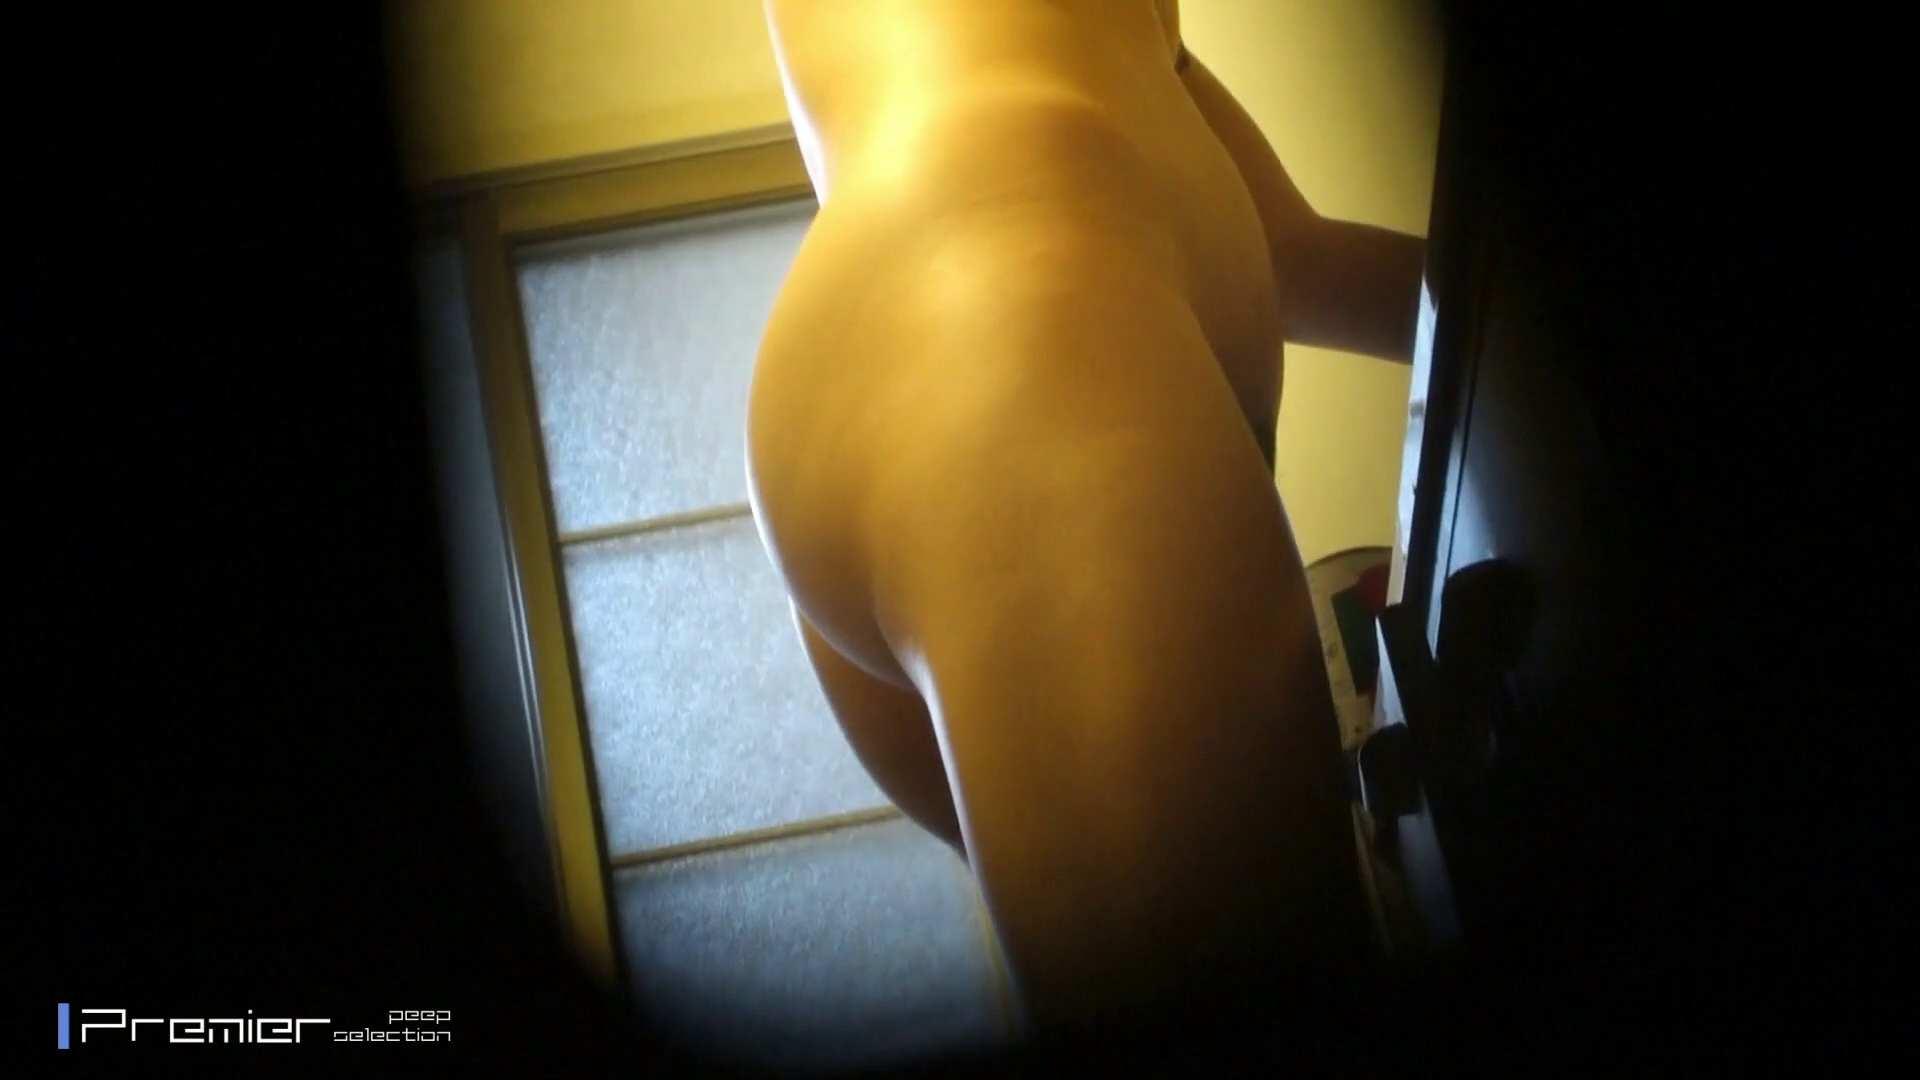 美人限定★女子大生の私生活★詰合せ 美女達の私生活に潜入! 美人 オマンコ動画キャプチャ 51pic 17